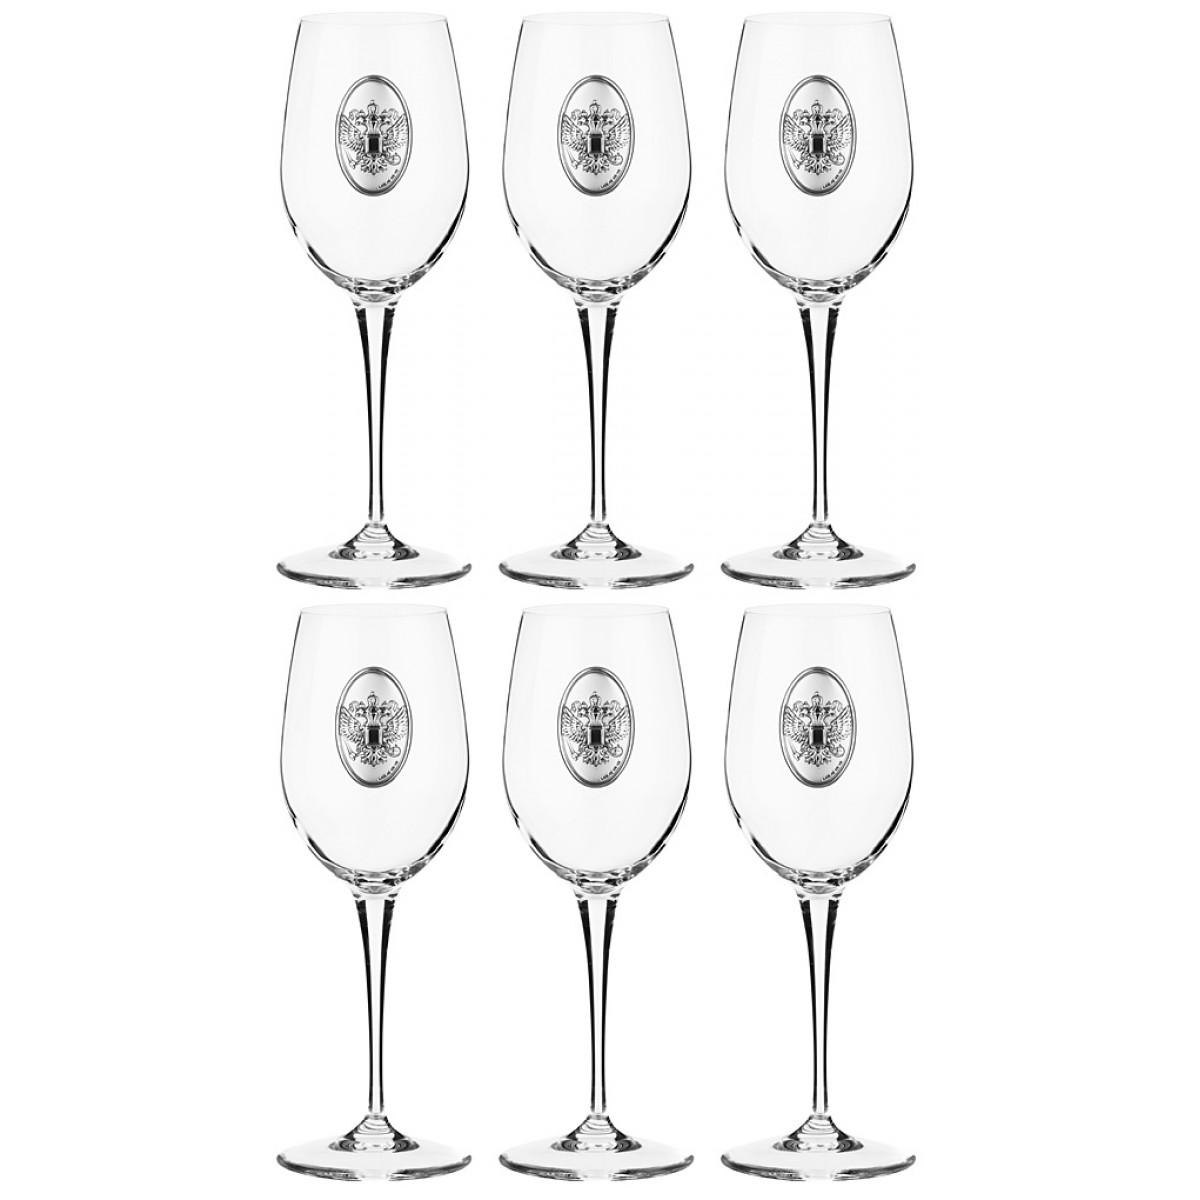 {} Cristalleria Acampora Набор бокалов для вина Albert  (22 см - 6 шт) albert ayler albert ayler in greenwich village